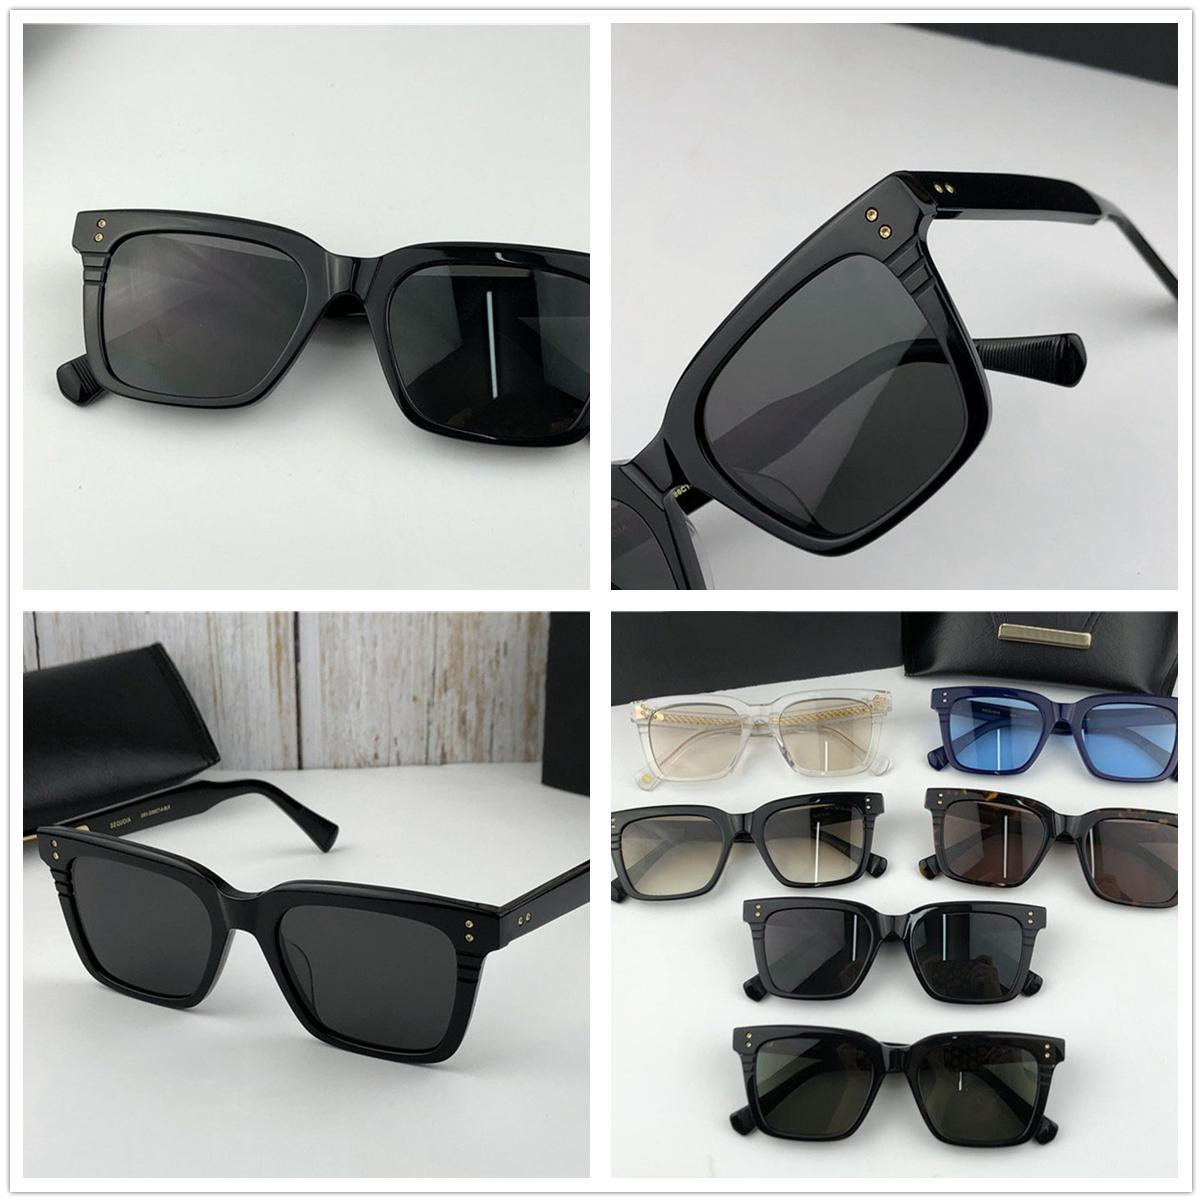 Vintage famoso diseñador de marca Gafas de sol Sequoia Square Gafas Shades Shades Mens Luxury Driving Eyewear Classic Anti UV400 Requección EQPEO